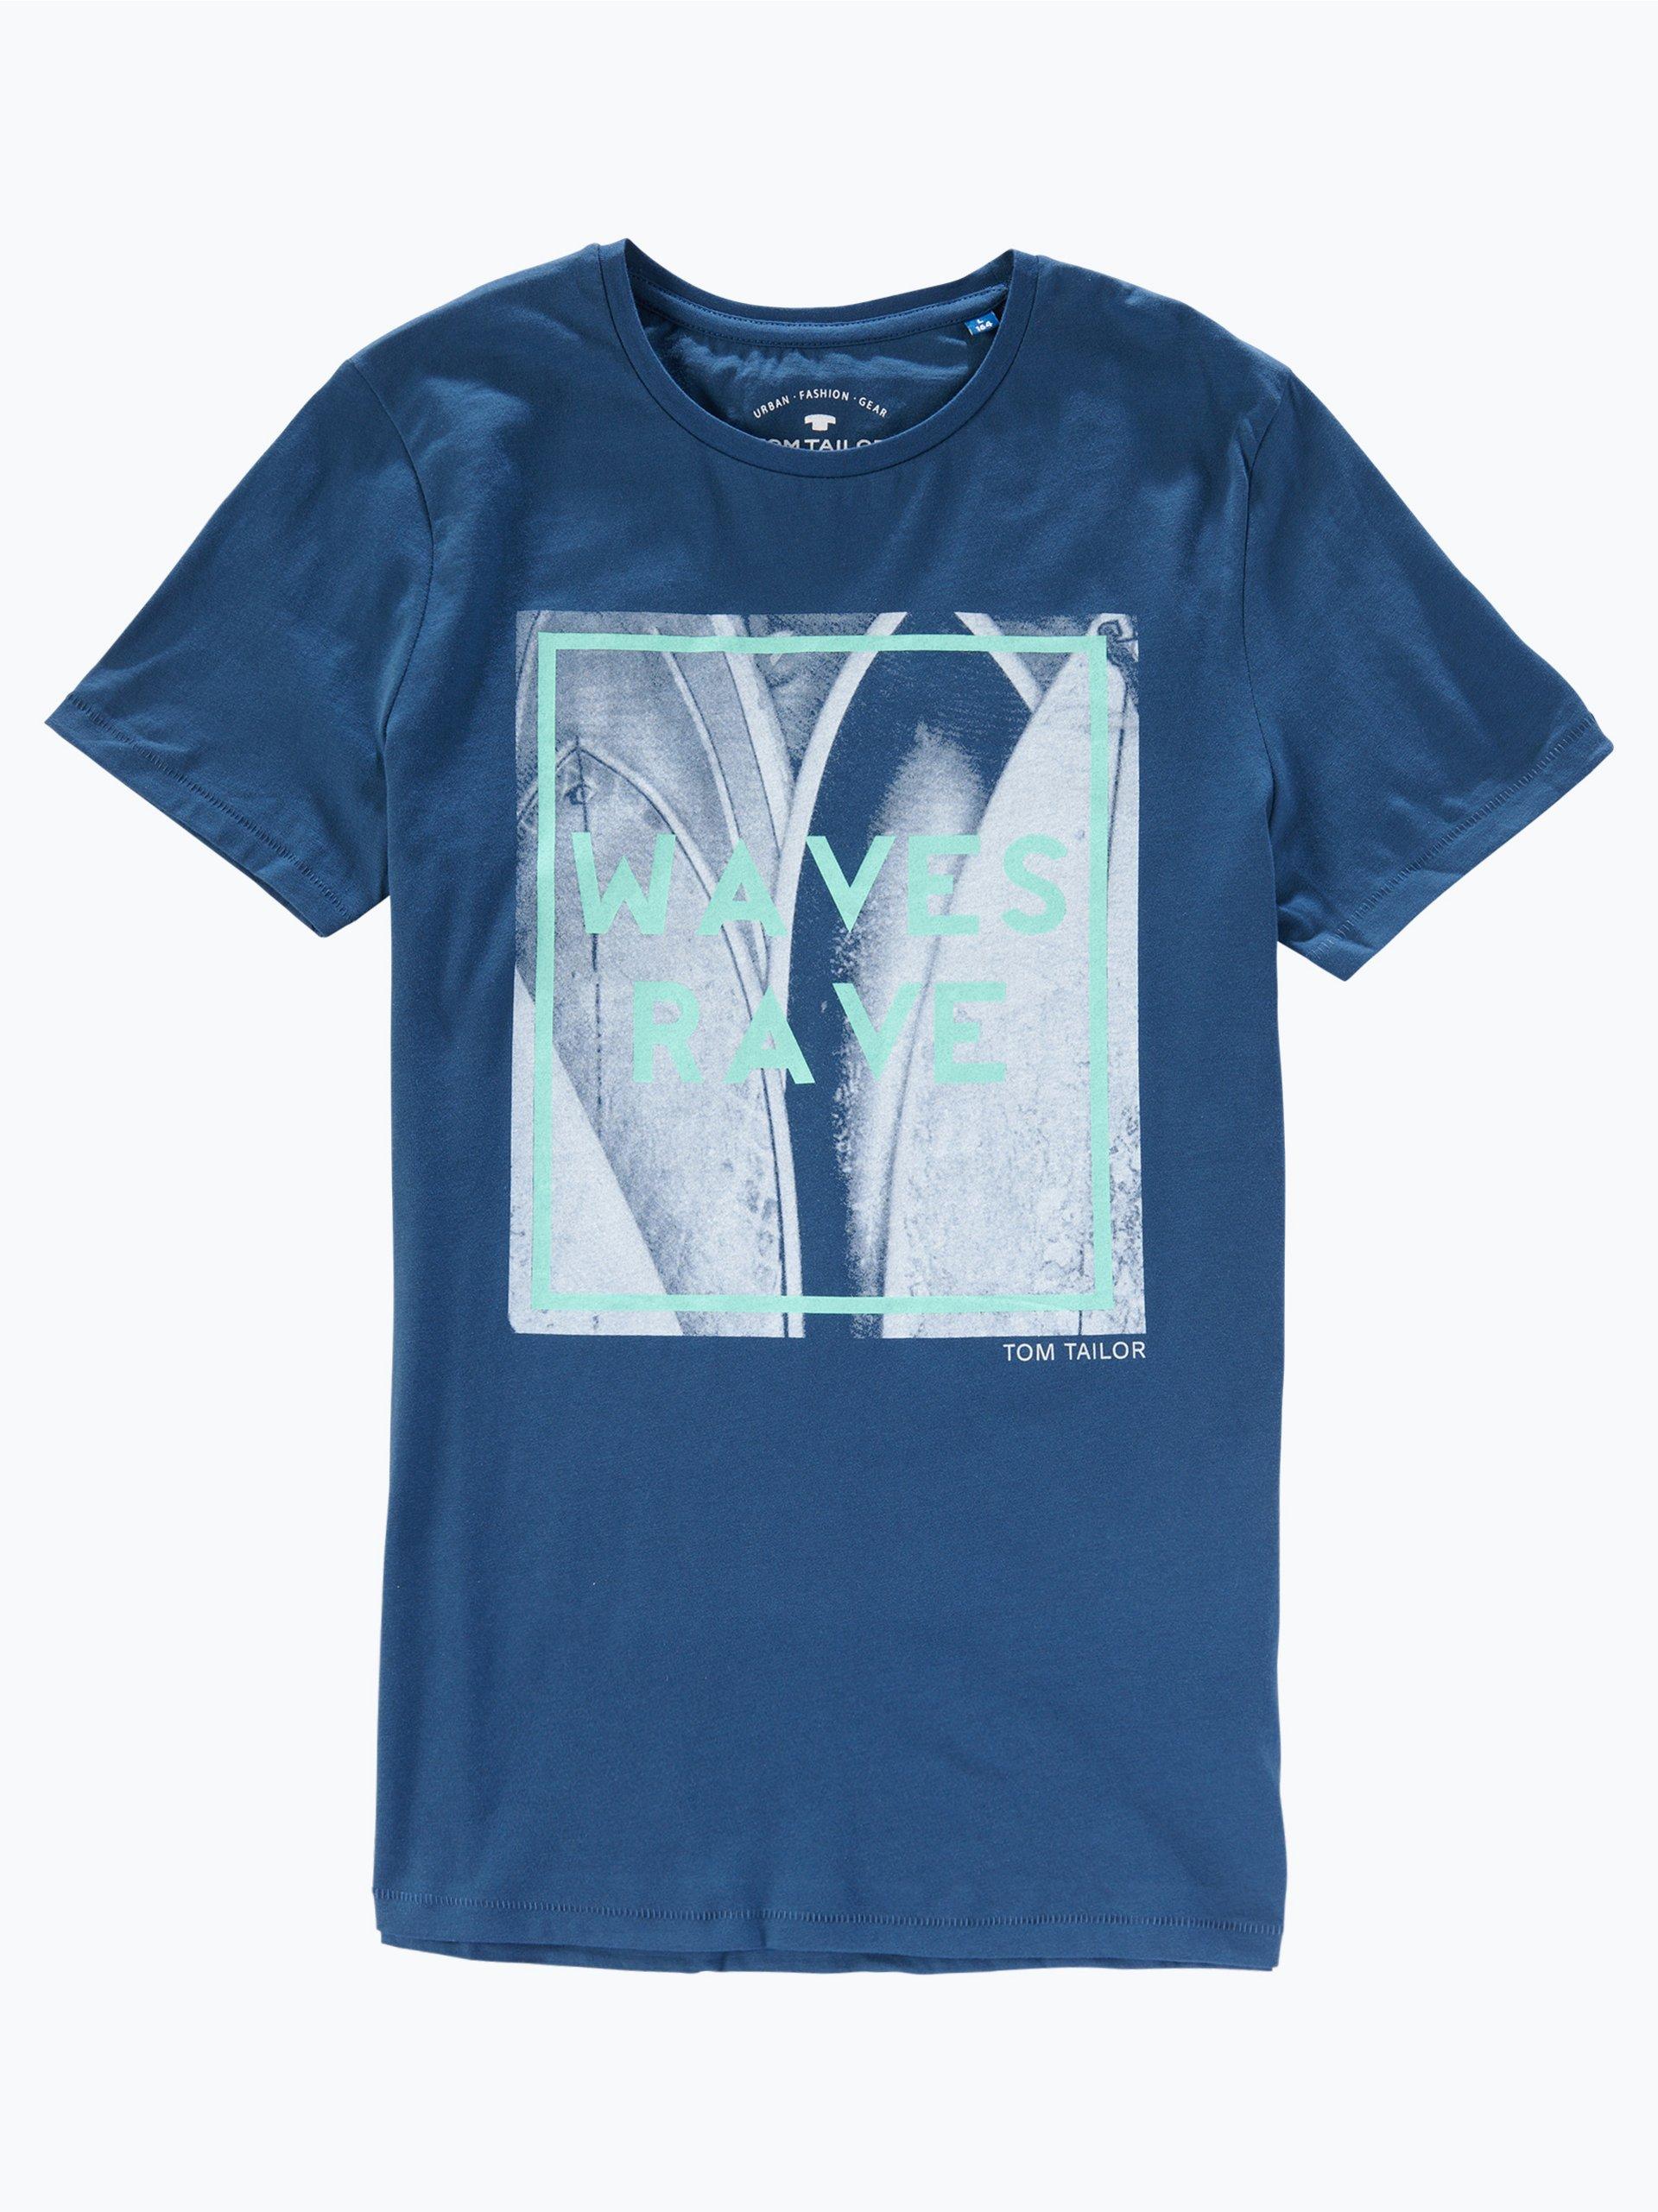 Tom tailor jungen t shirt blau marine uni online kaufen for Tailored t shirts online